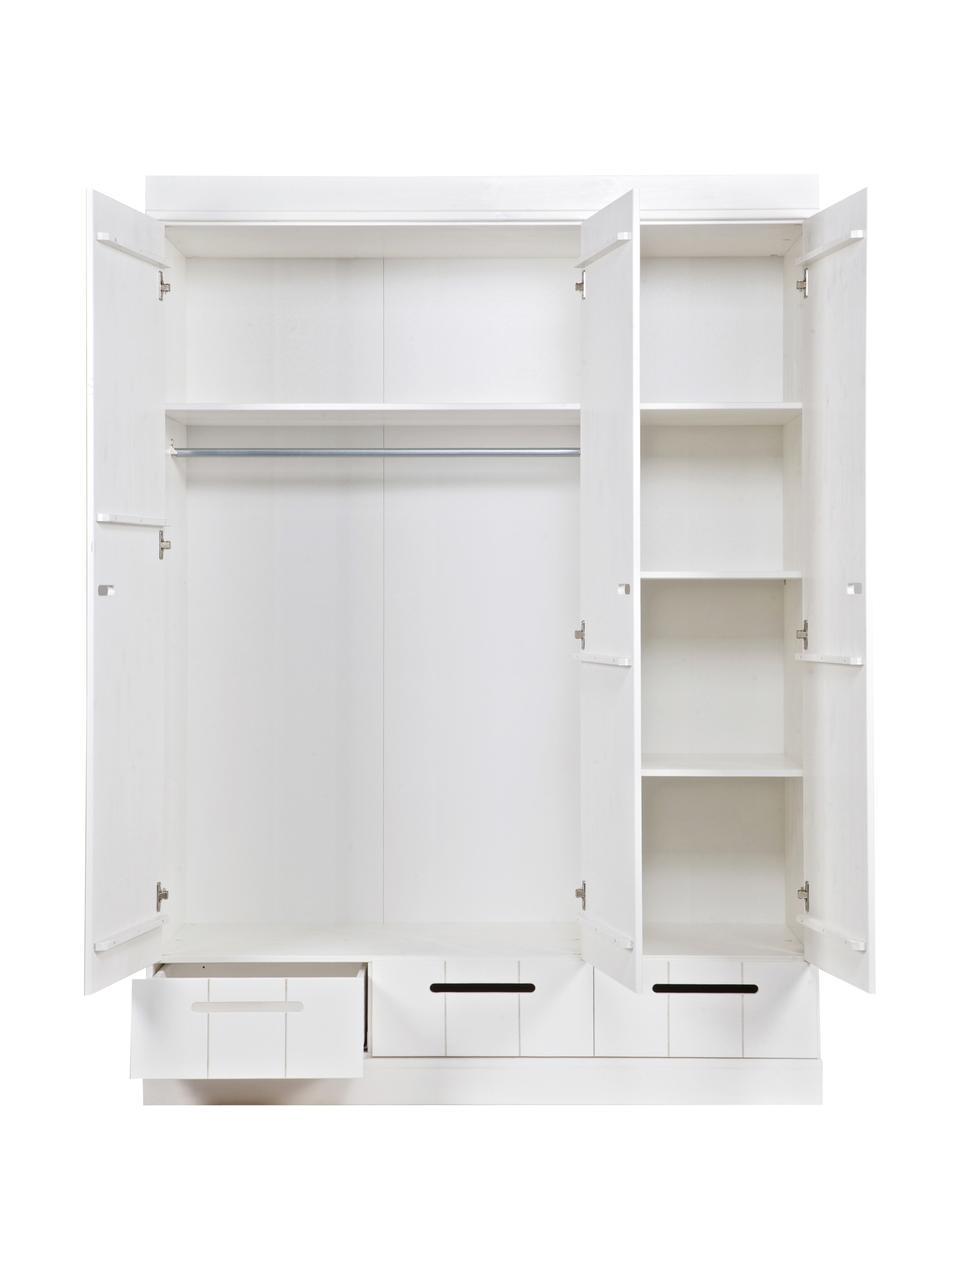 Szafa Connect, Korpus: drewno sosnowe, lakierowa, Biały, S 140 x W 195 cm